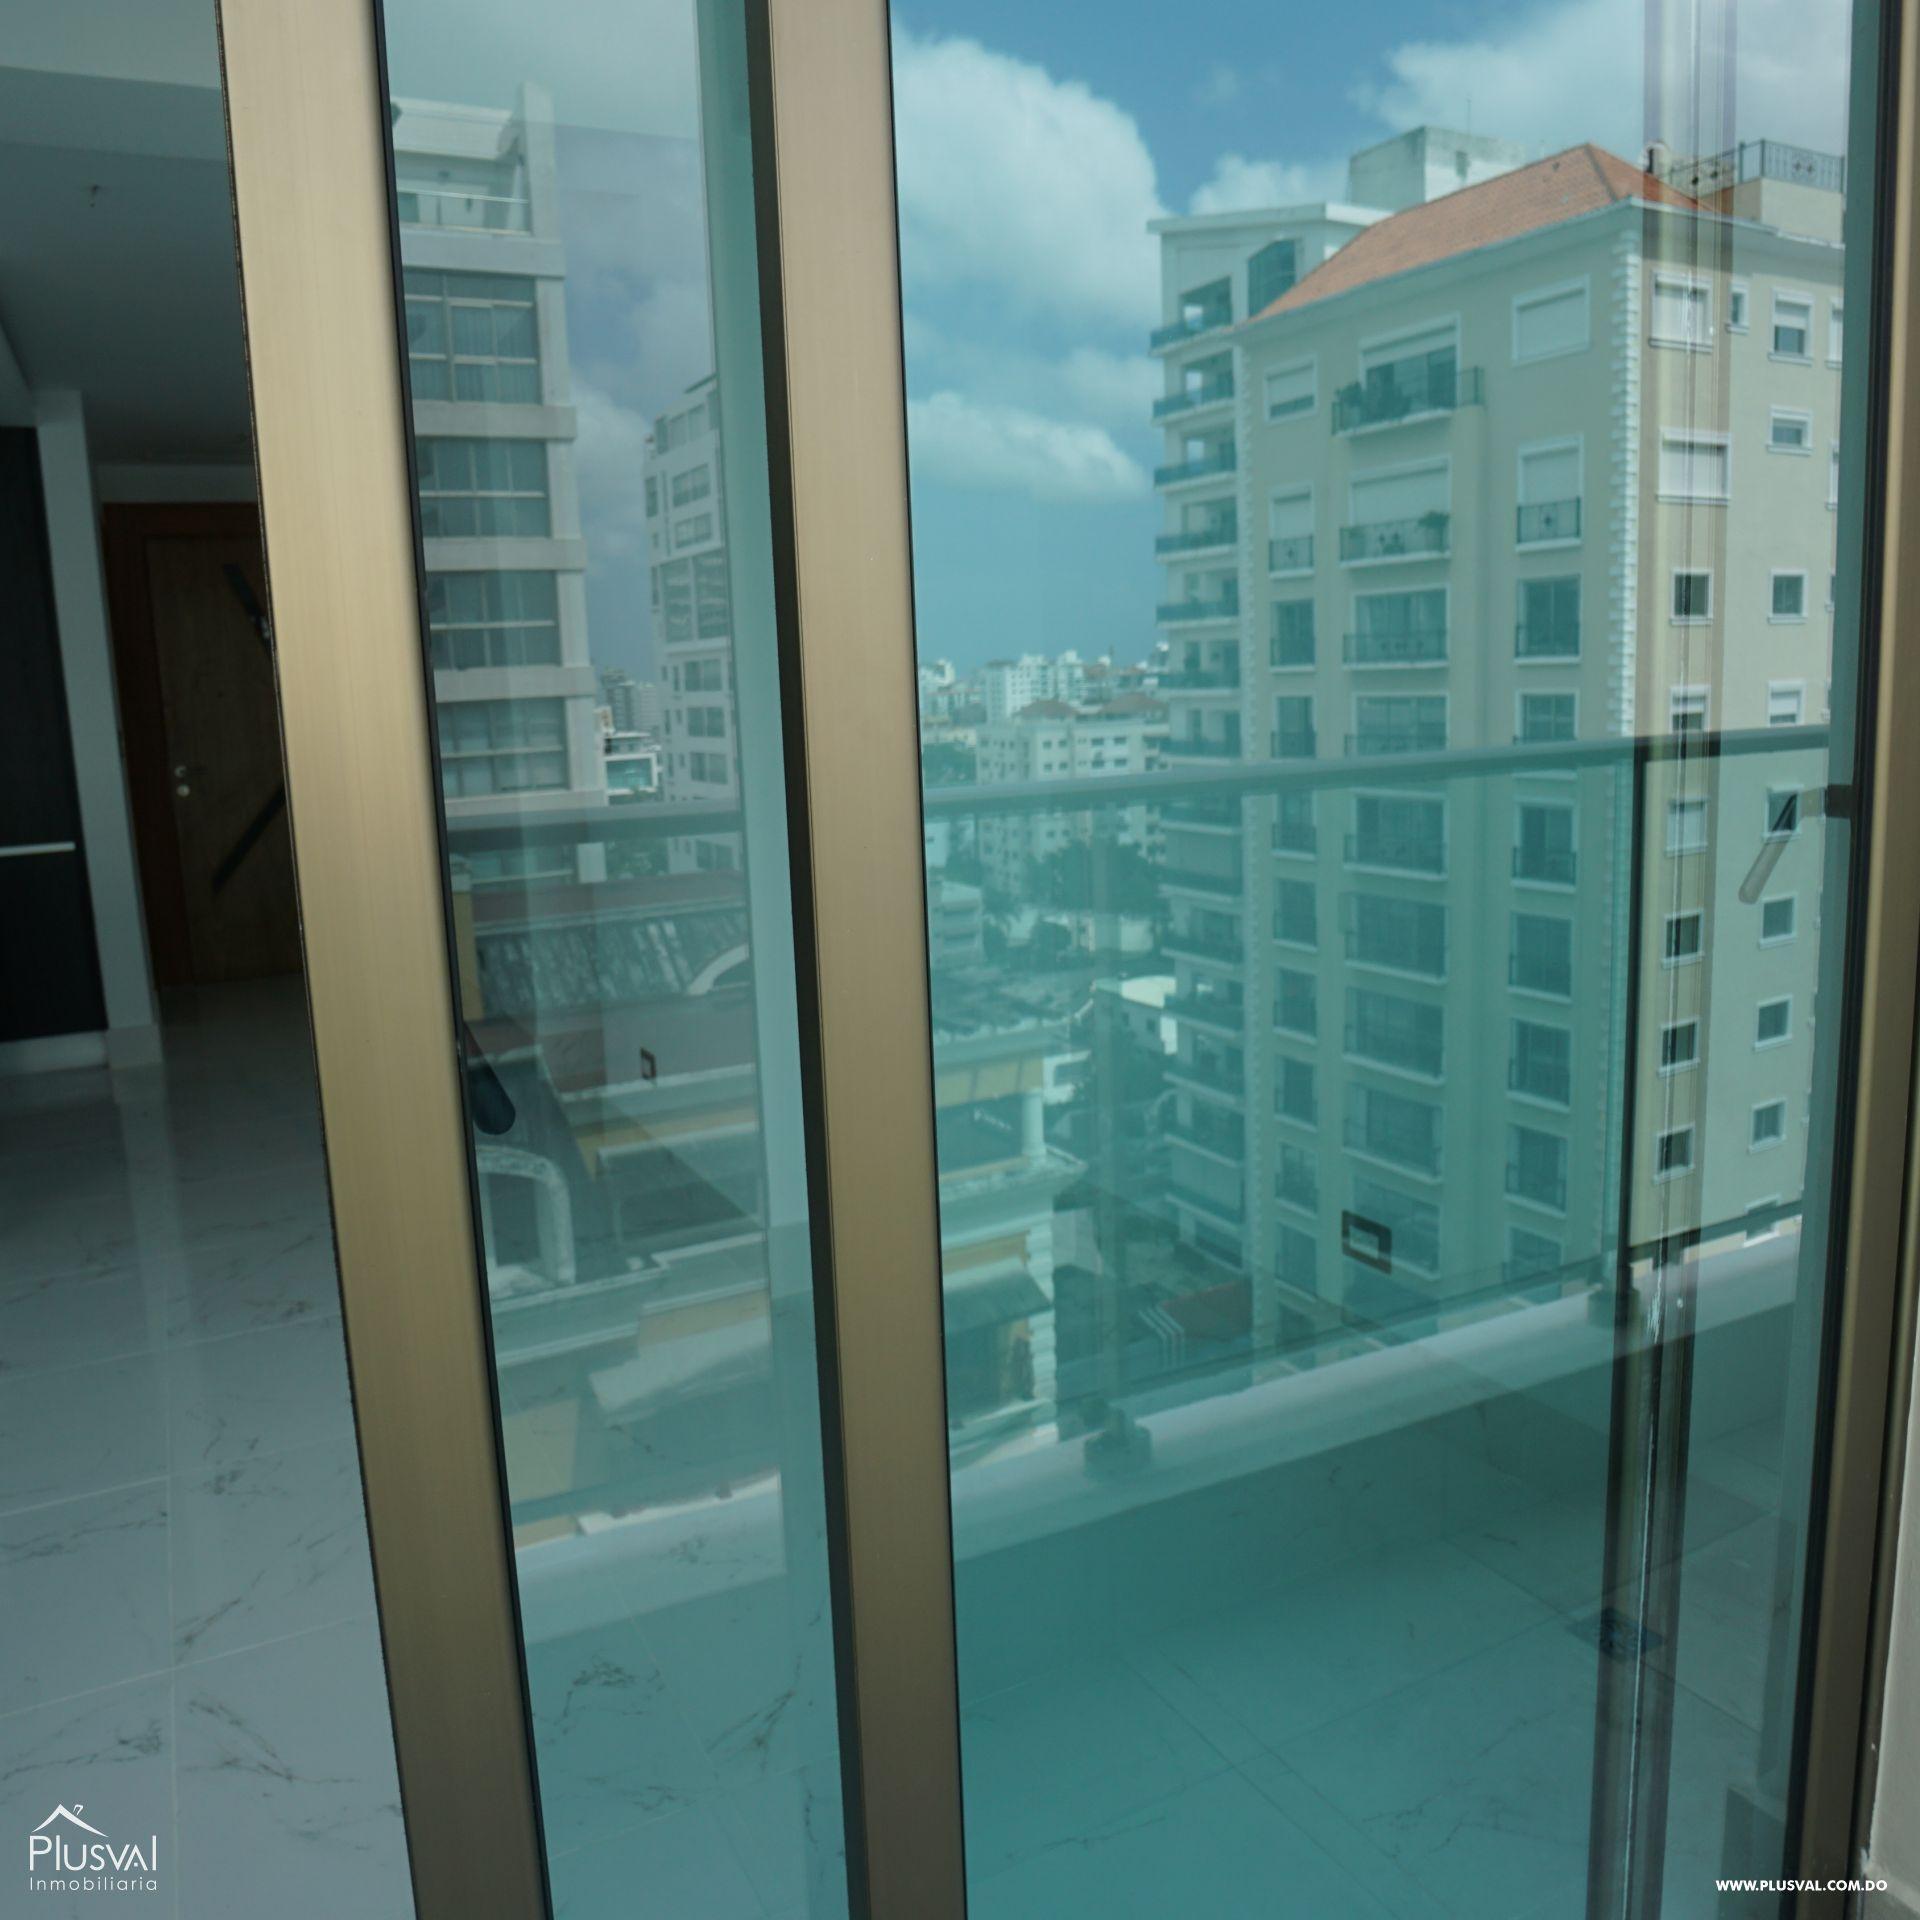 Apartamento en alquiler con linea blanca en Piantini 183091